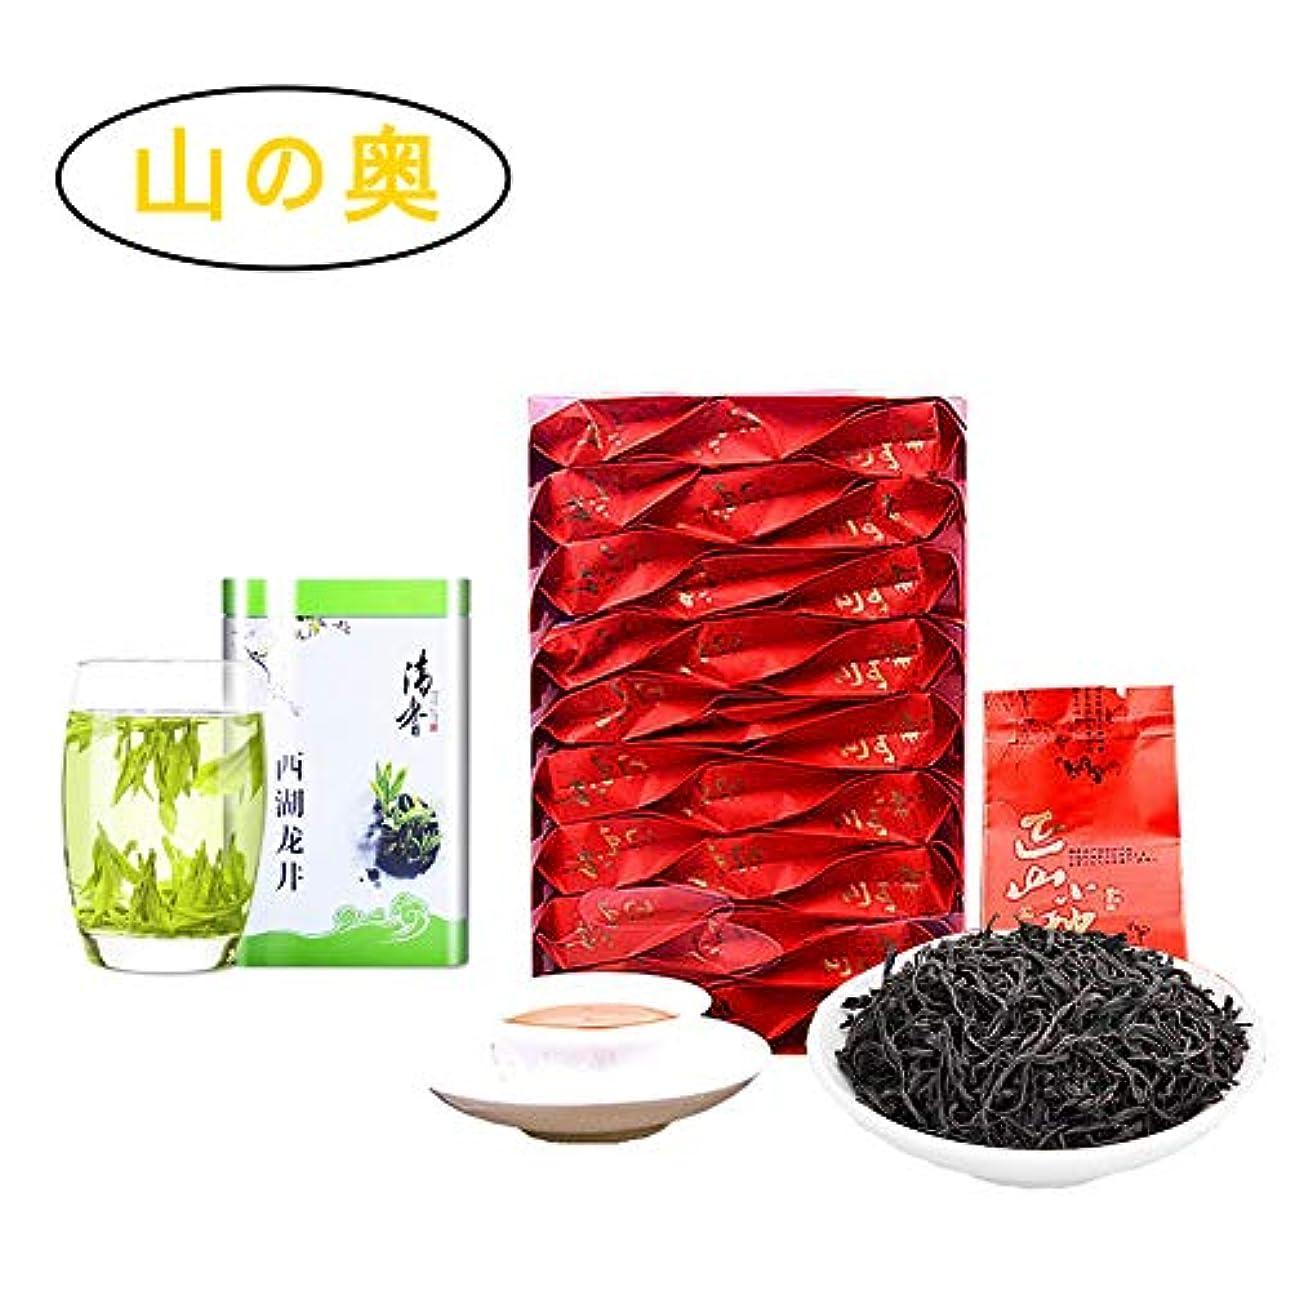 節約避けられないエチケット工芸茶 中国茶 正山小種 西湖龍井茶 山の奥 中国茶の代表茶 は濃い香りで泡に強いです ノンカフェイン 無農薬 原産地 皇室御用のお茶葉